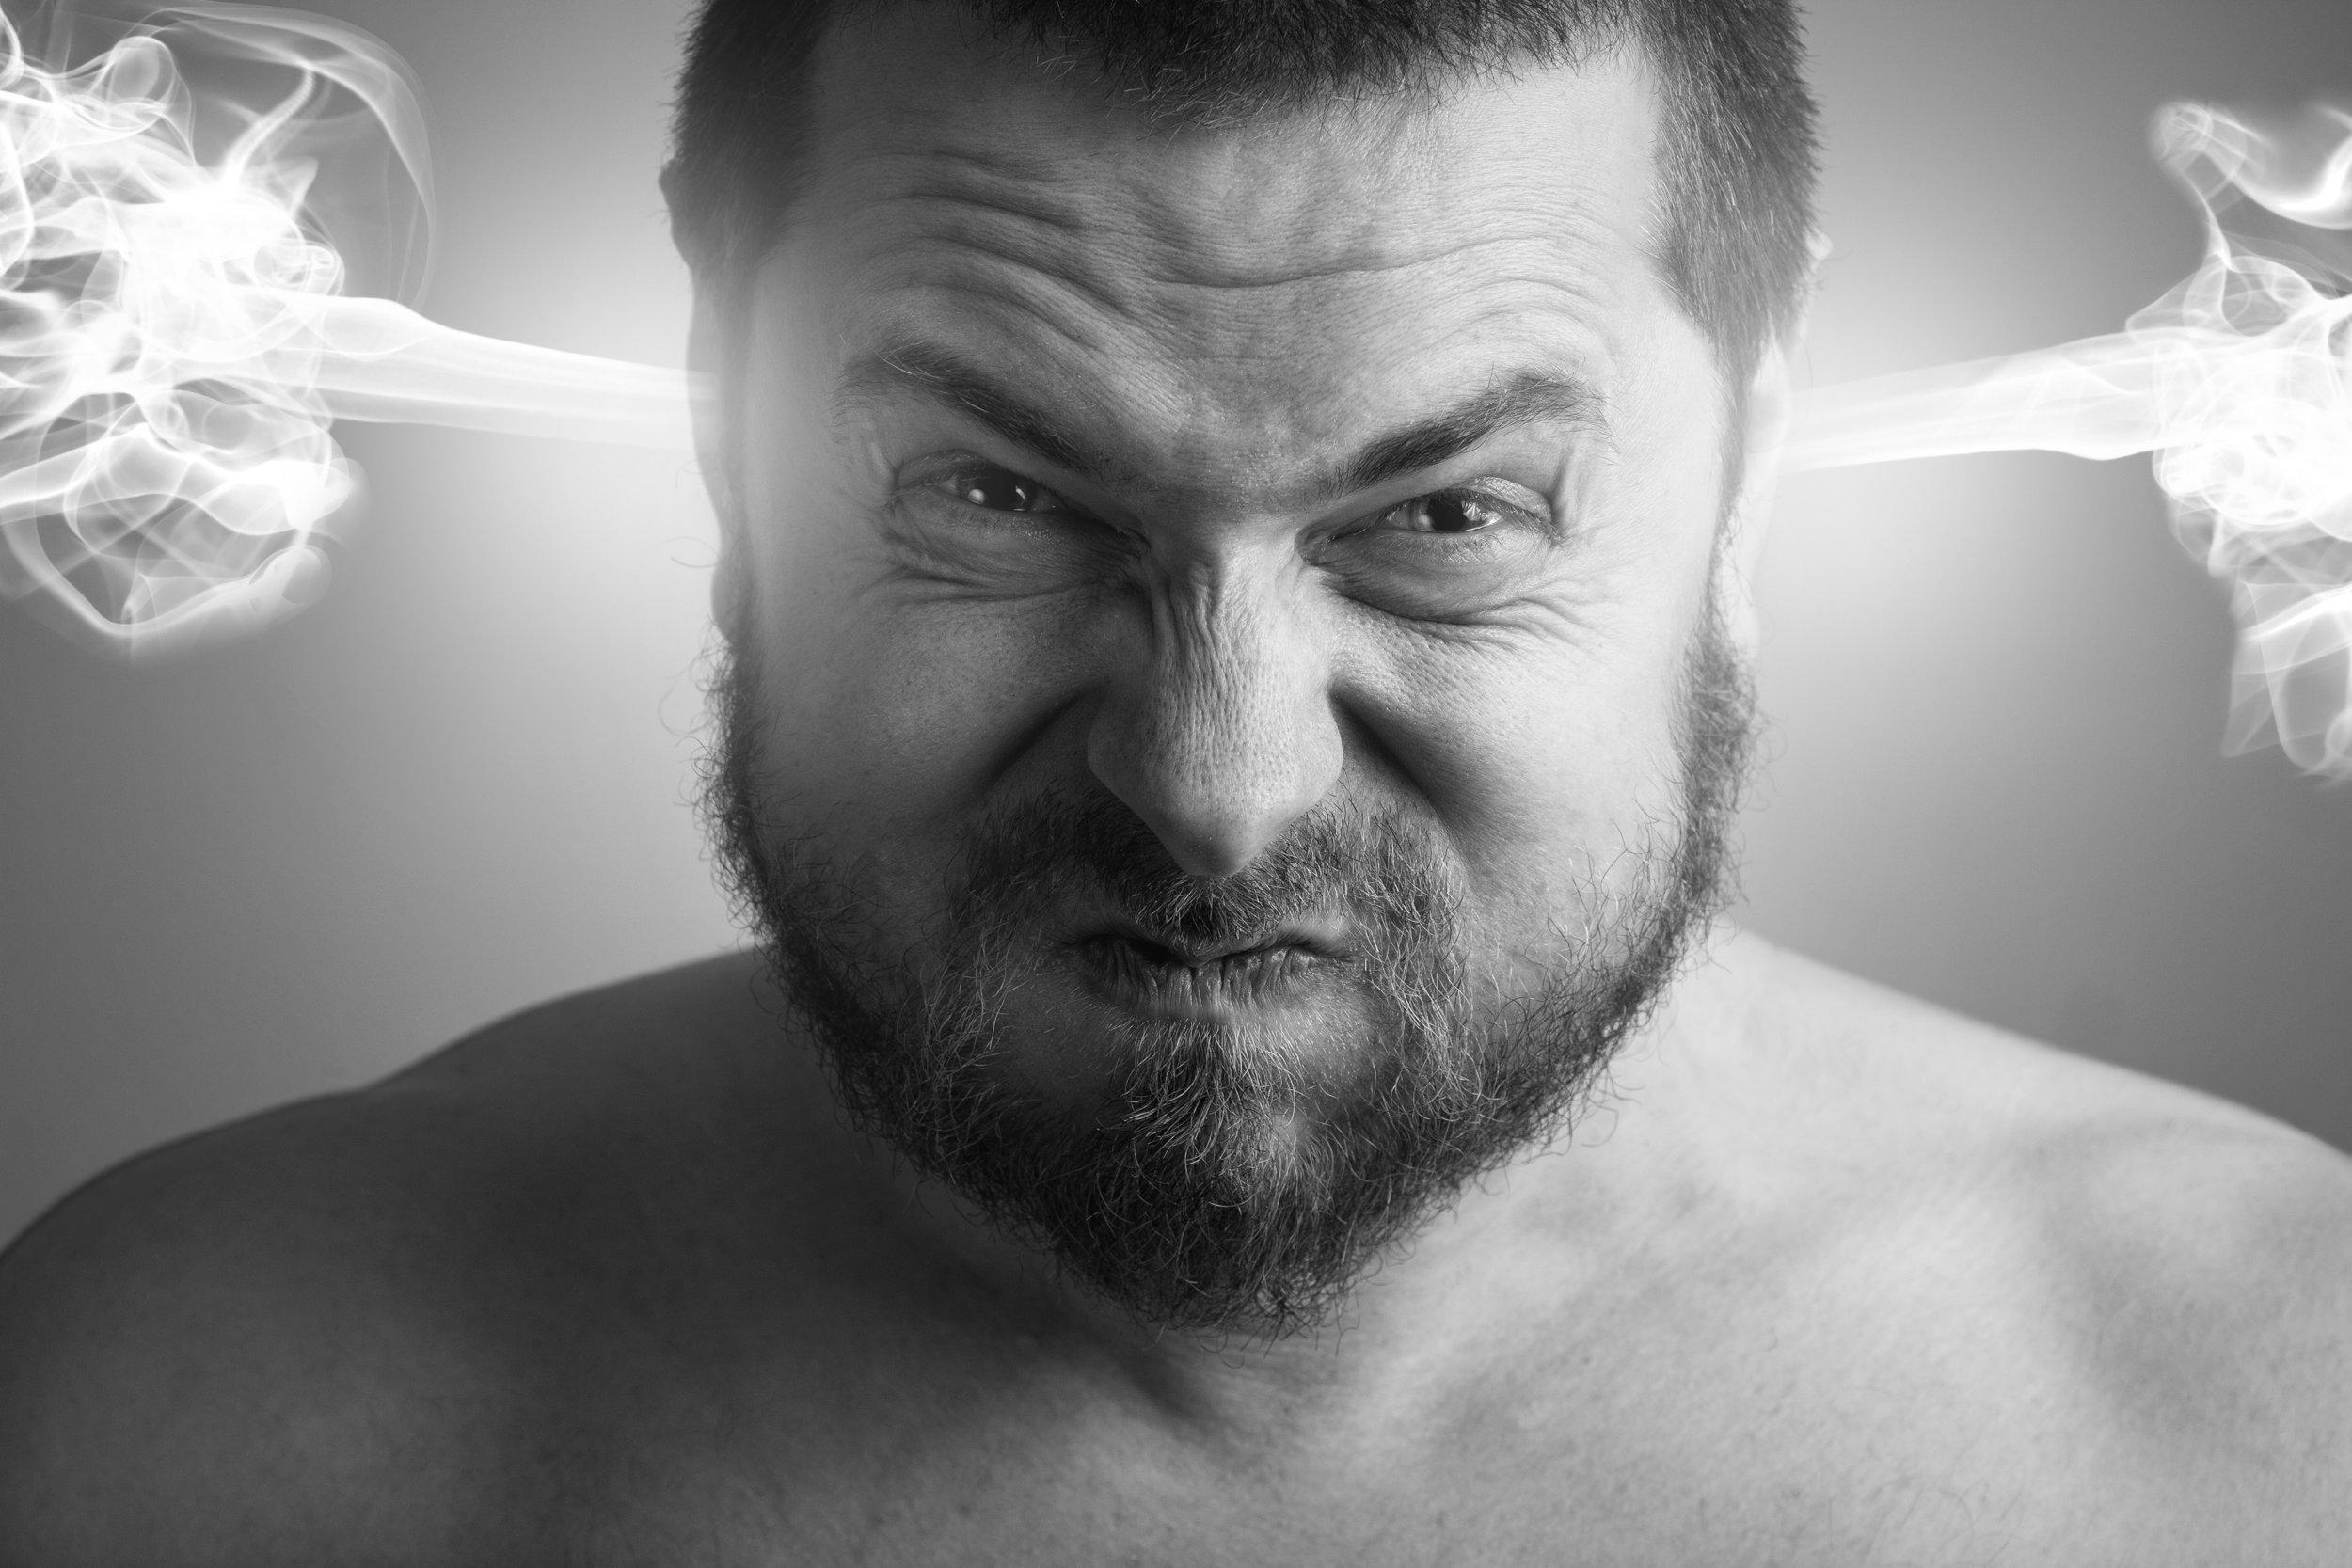 angry-02.jpg